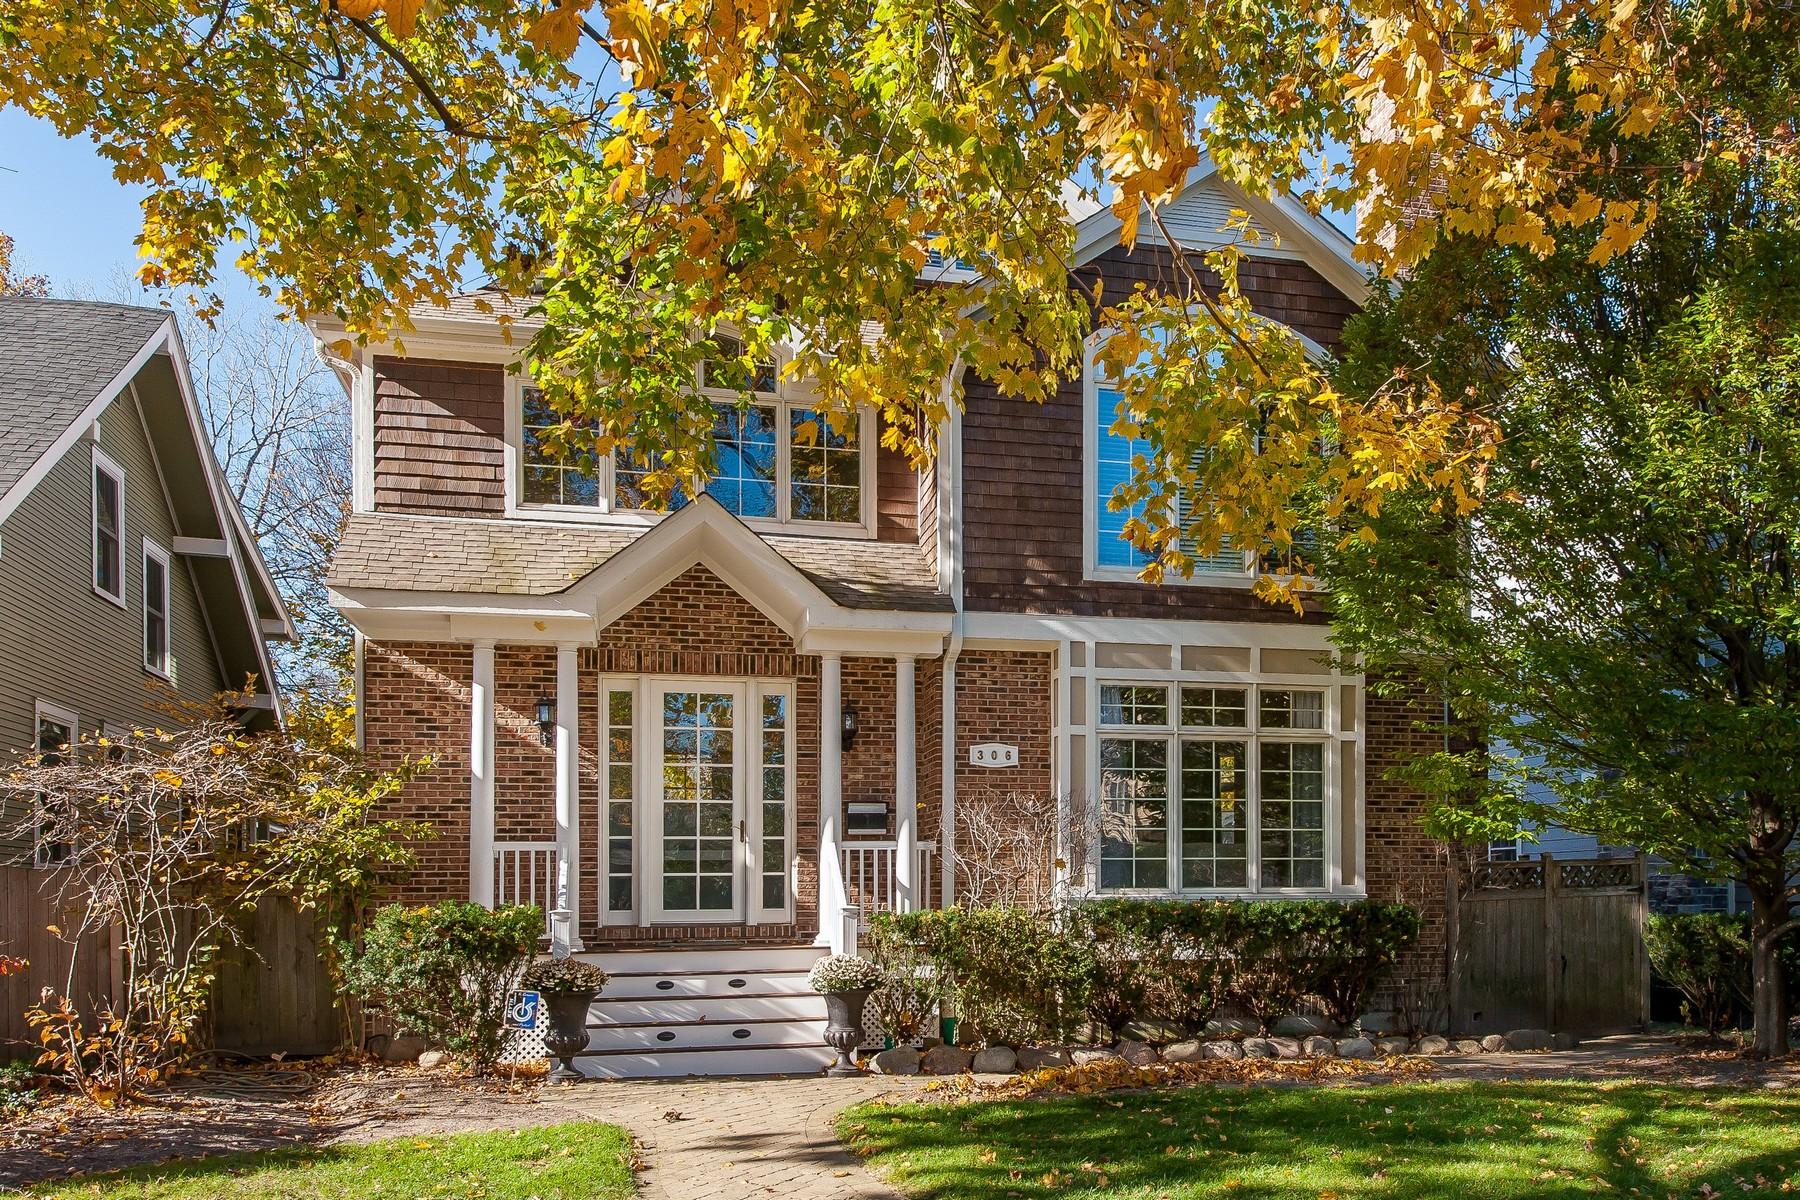 一戸建て のために 売買 アット Stunning Winnetka Home 306 Walnut Street Winnetka, イリノイ, 60093 アメリカ合衆国